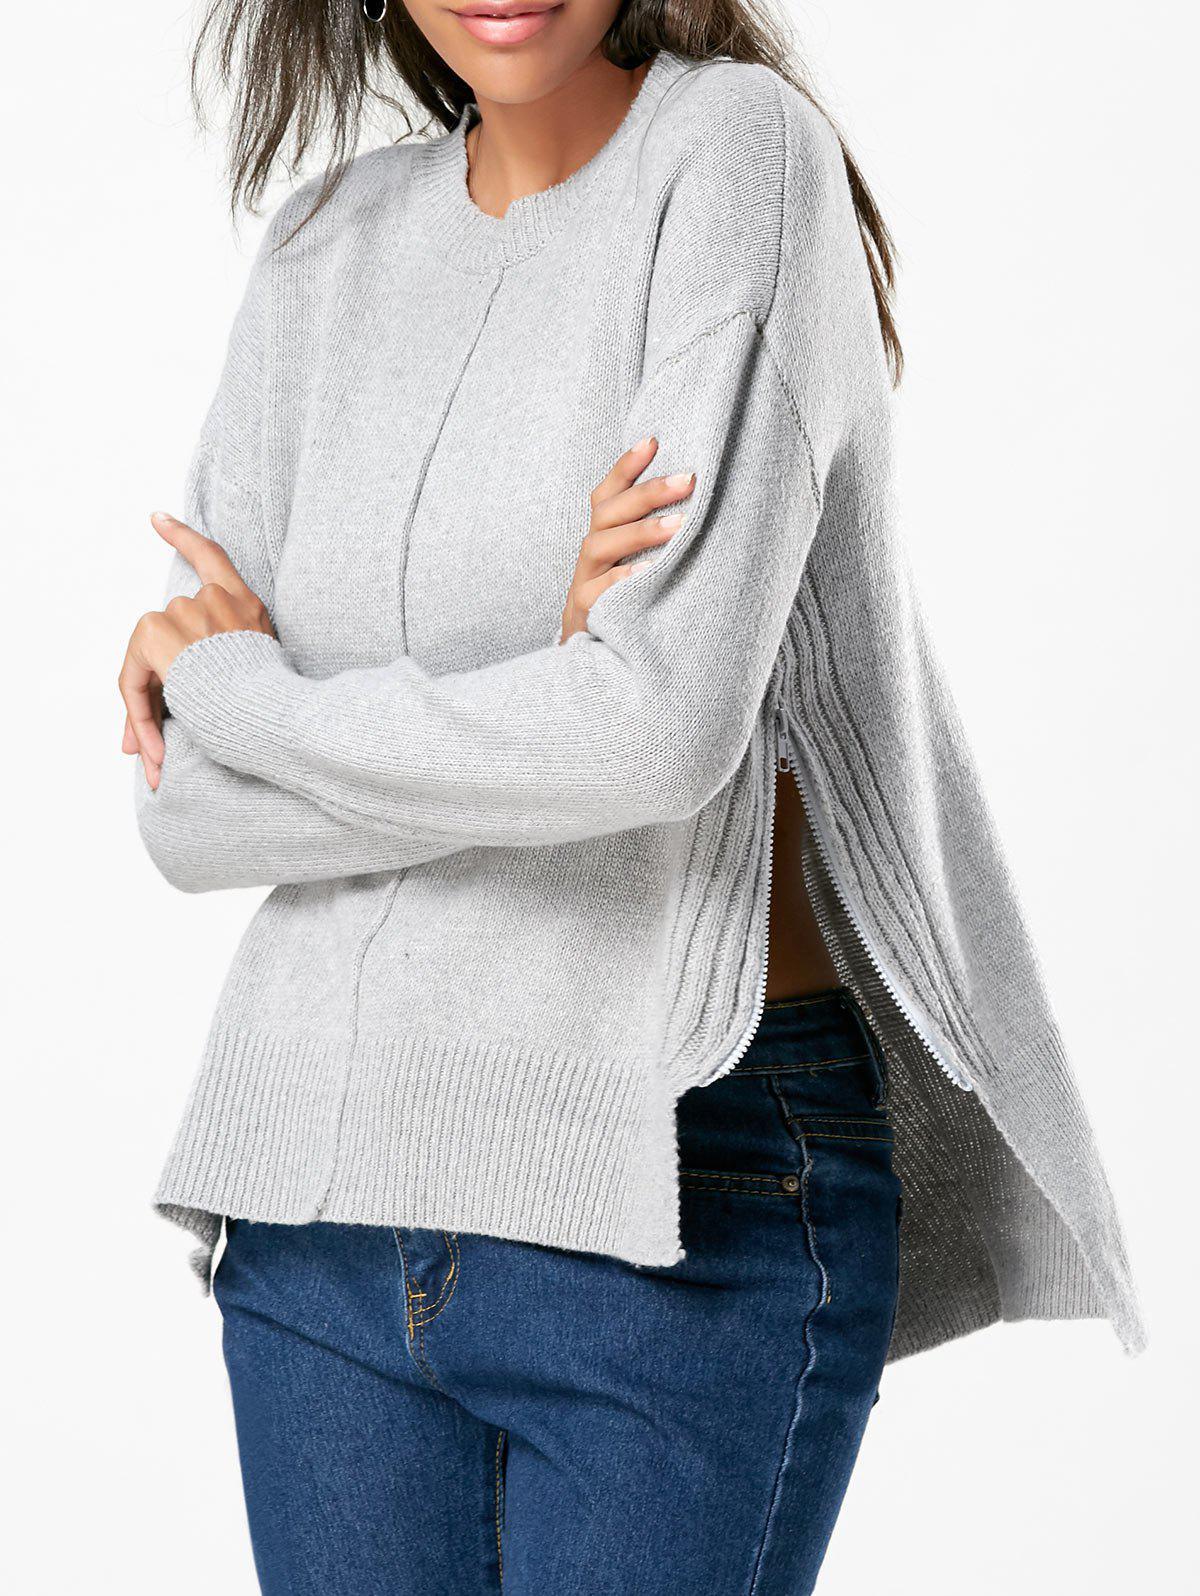 High Low Slit Zip Drop Shoulder Sweater 223755801